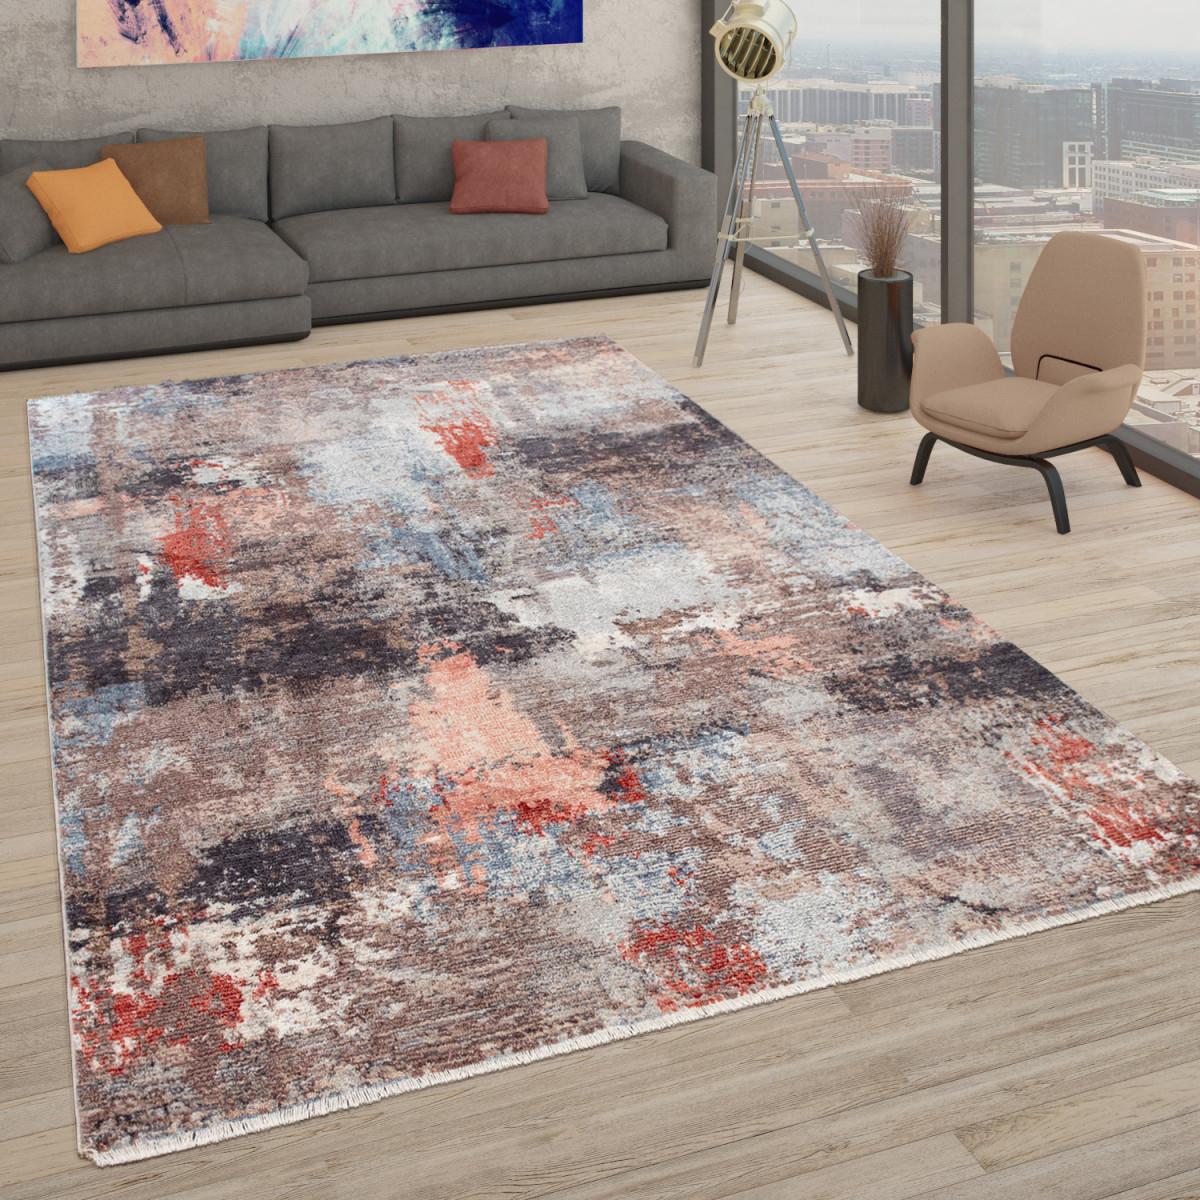 Designerteppich Wohnzimmer Usedlook von Teppich Für Wohnzimmer Photo